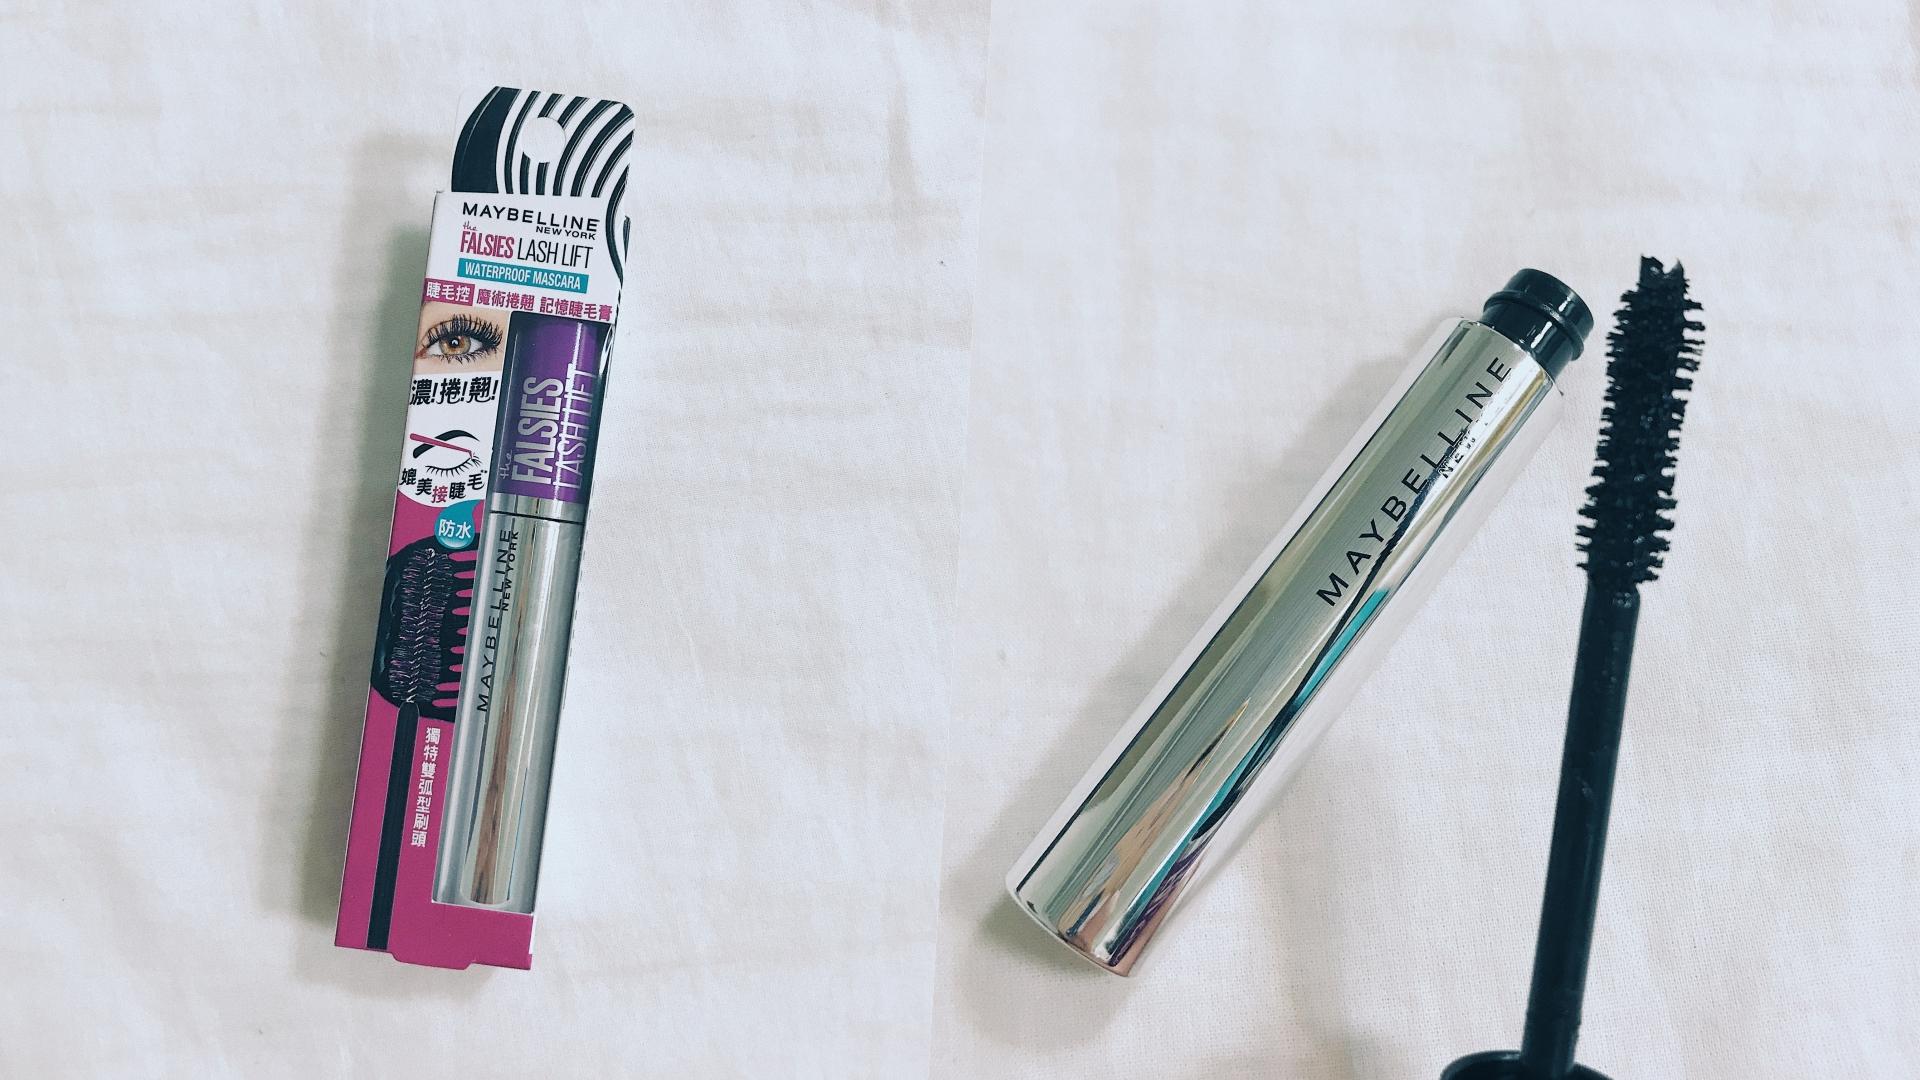 這次首度推出「沙龍級」的睫毛膏,添加獨特濃密纖維的防水記憶膏體,每個捲翹過目不忘,輕刷瞬間綻放纖長濃密的豐盈睫毛。